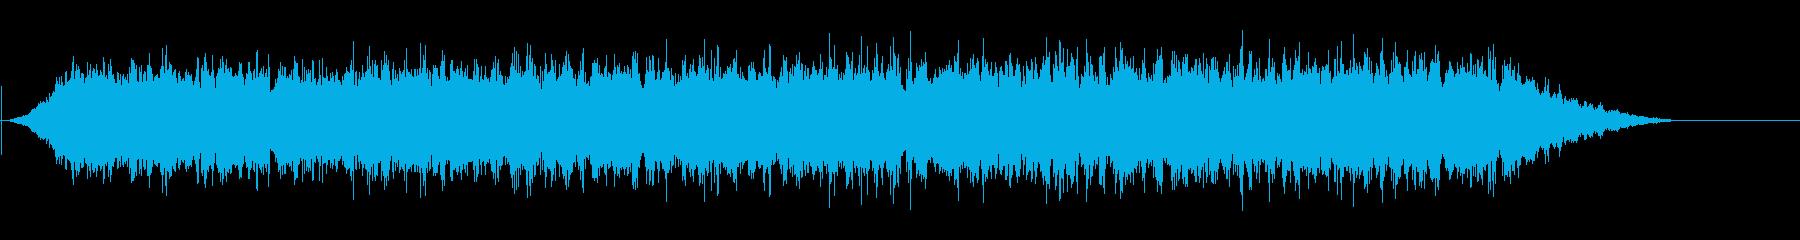 カレホンの雨の再生済みの波形